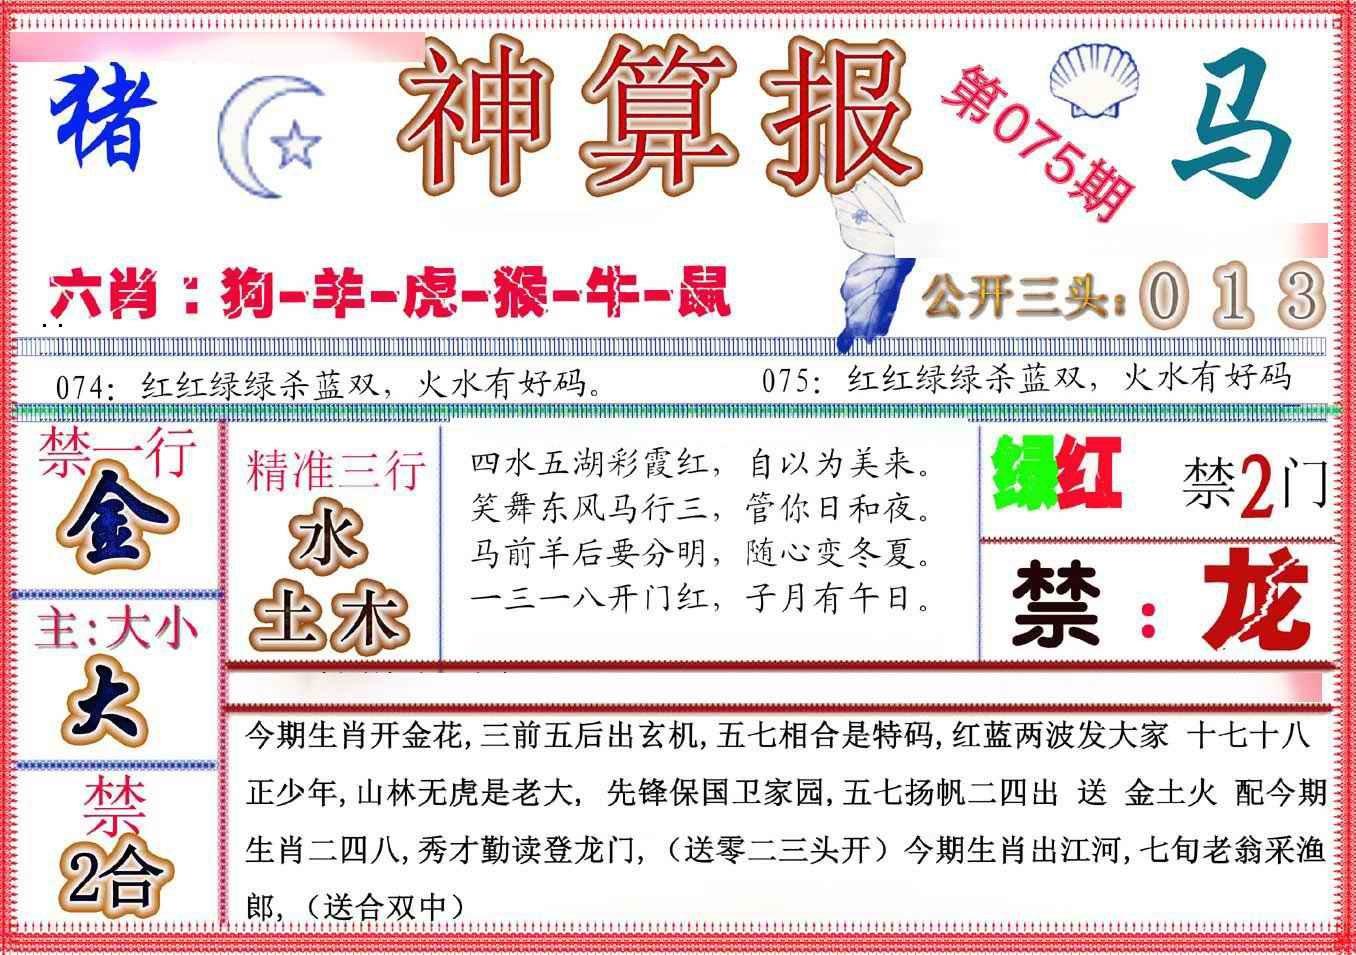 075期神算报(新版)